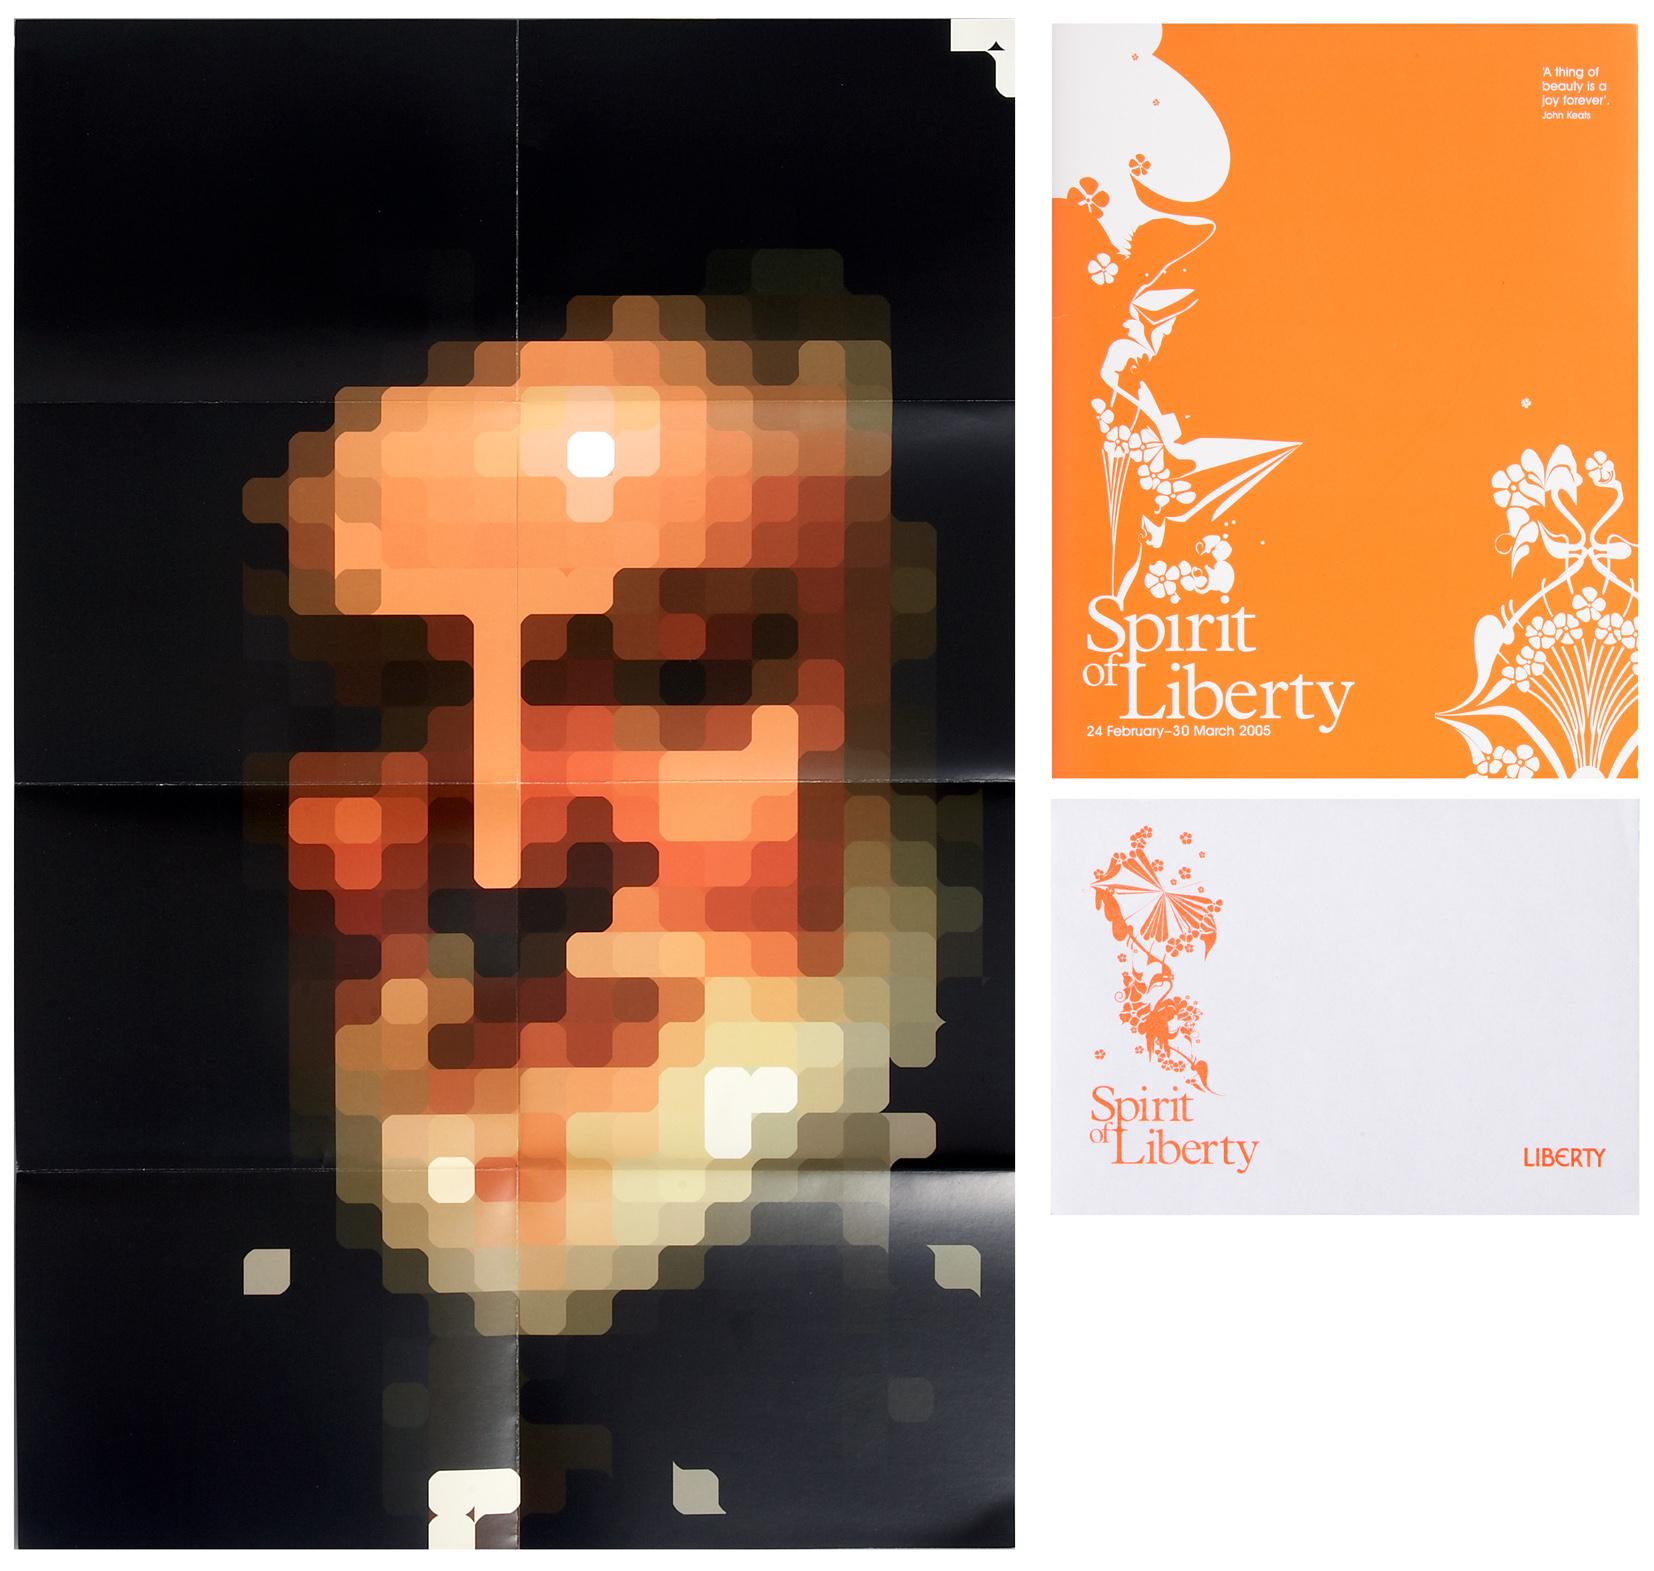 Arthur Liberty